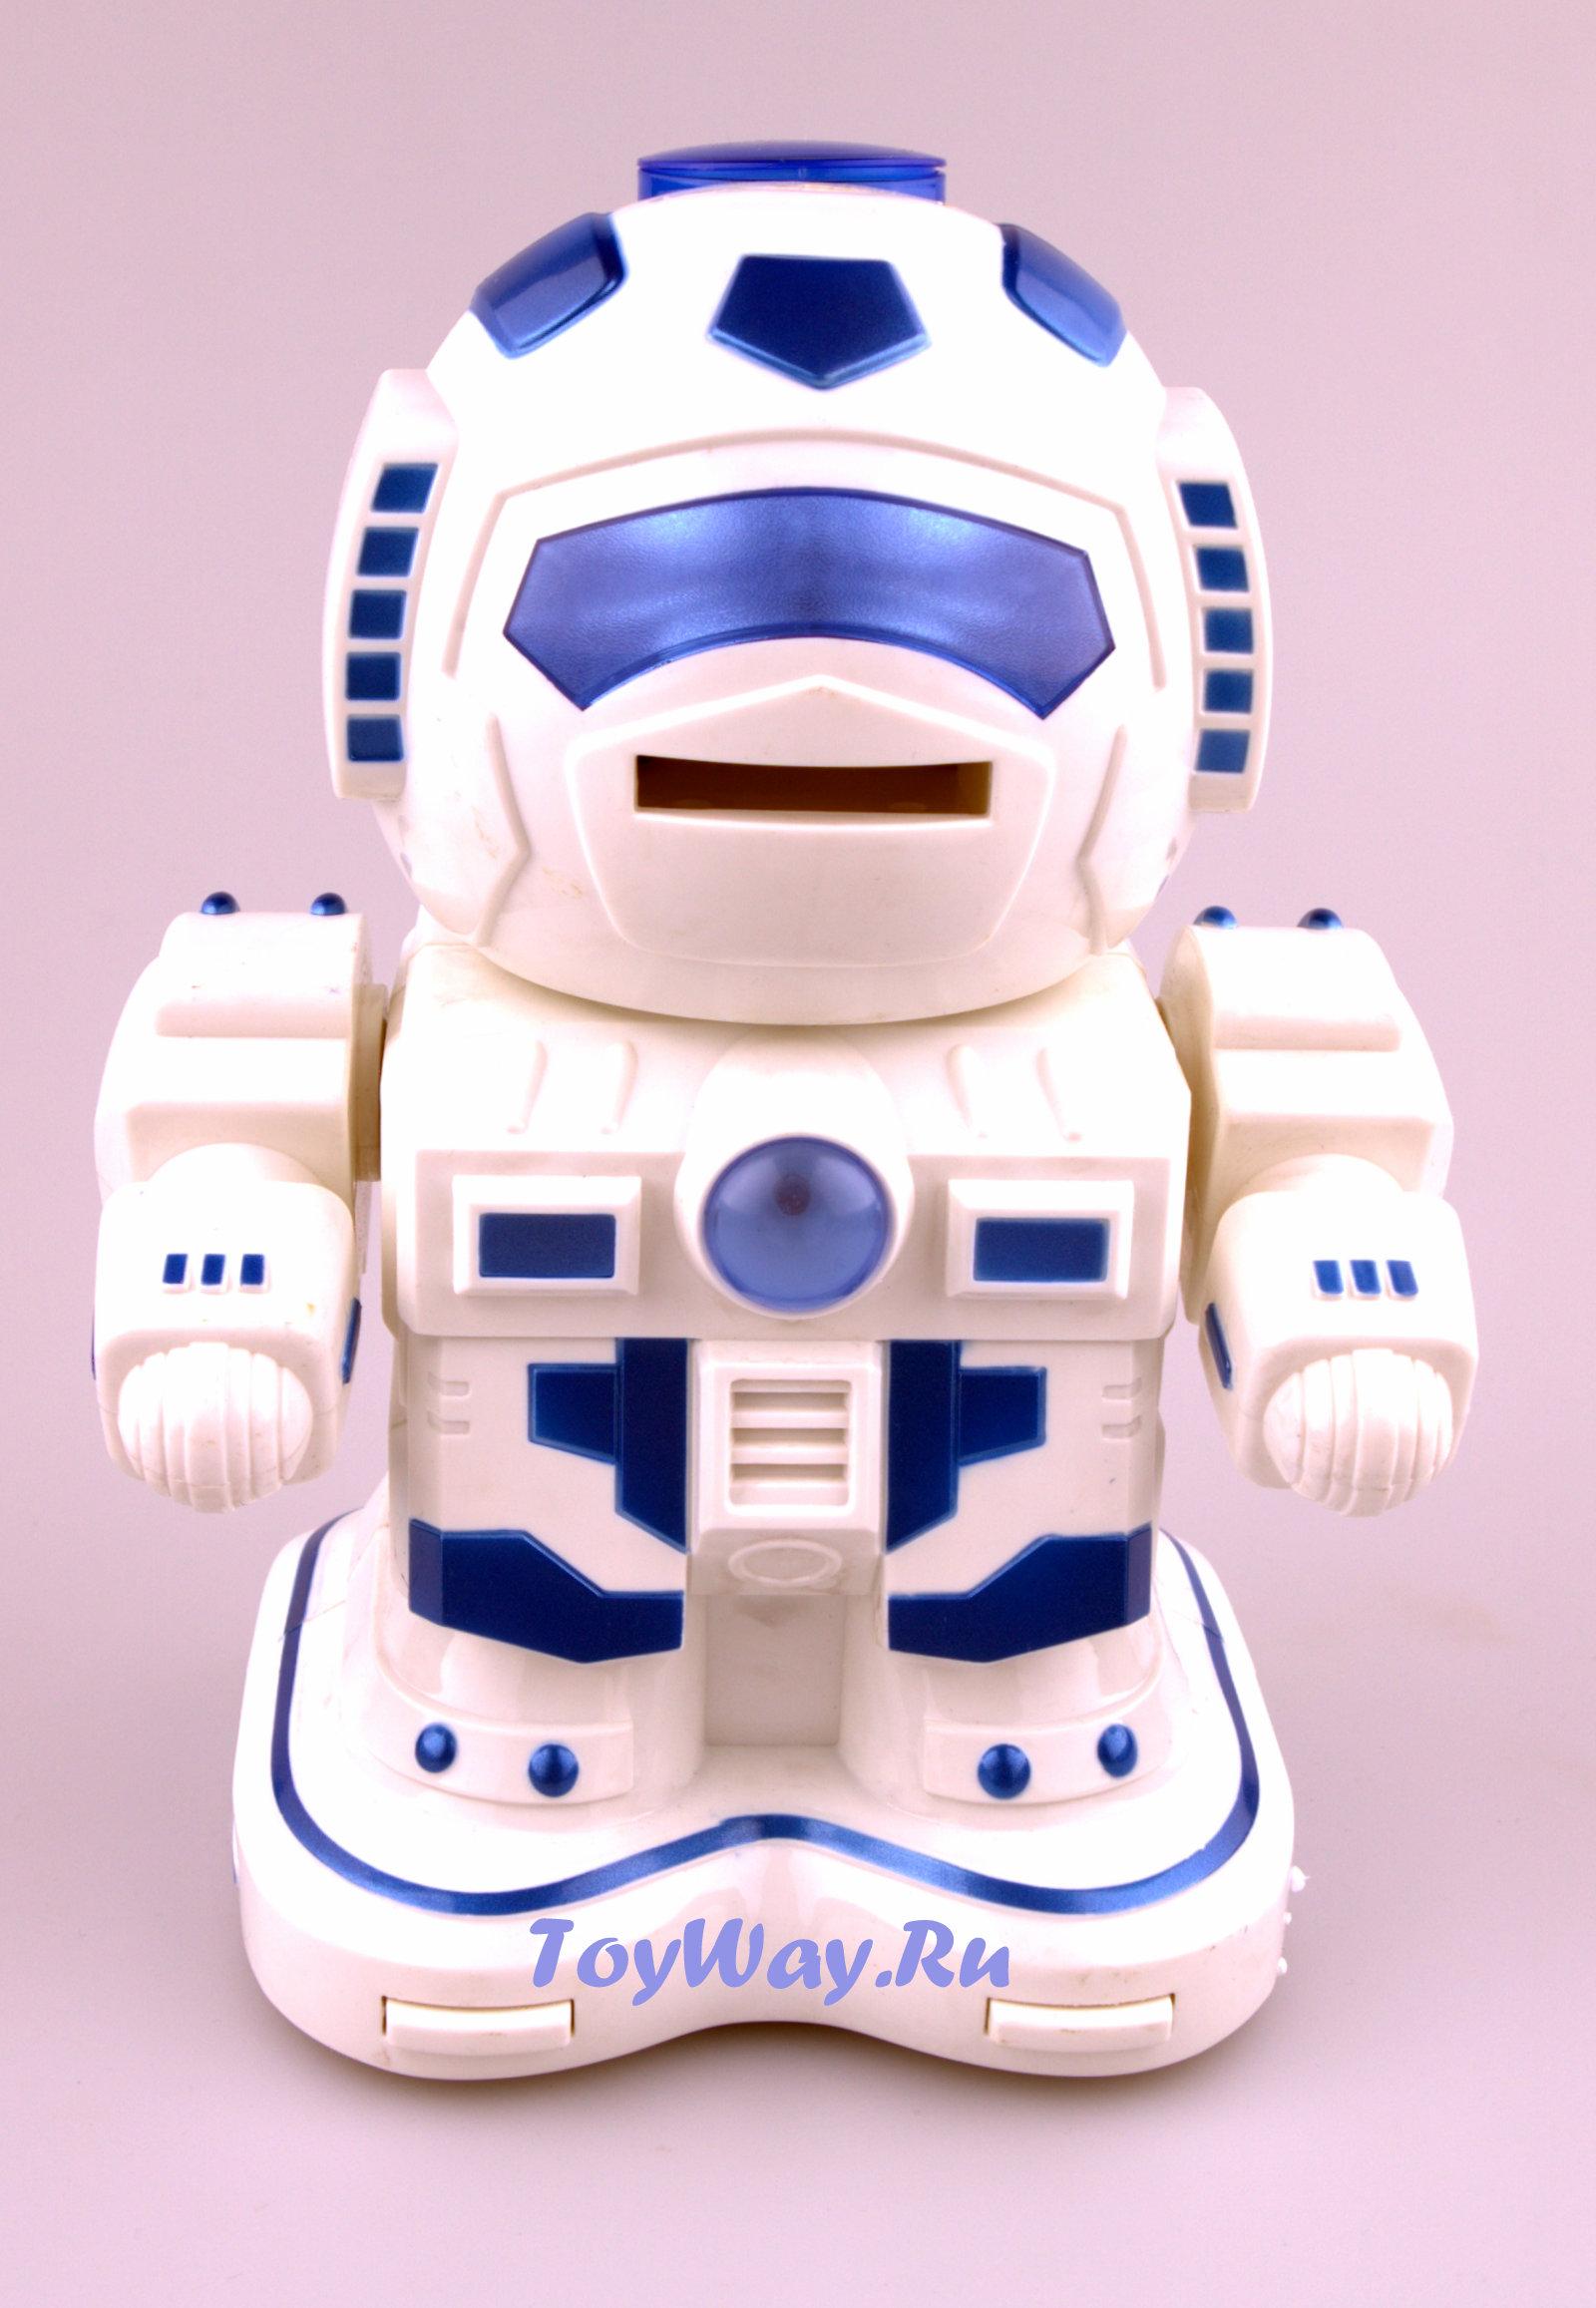 Робот на радиоуправлении, 28 см., свет, звук, стрельбаРоботы на радиоуправлении<br>Робот на радиоуправлении, 28 см., свет, звук, стрельба<br>